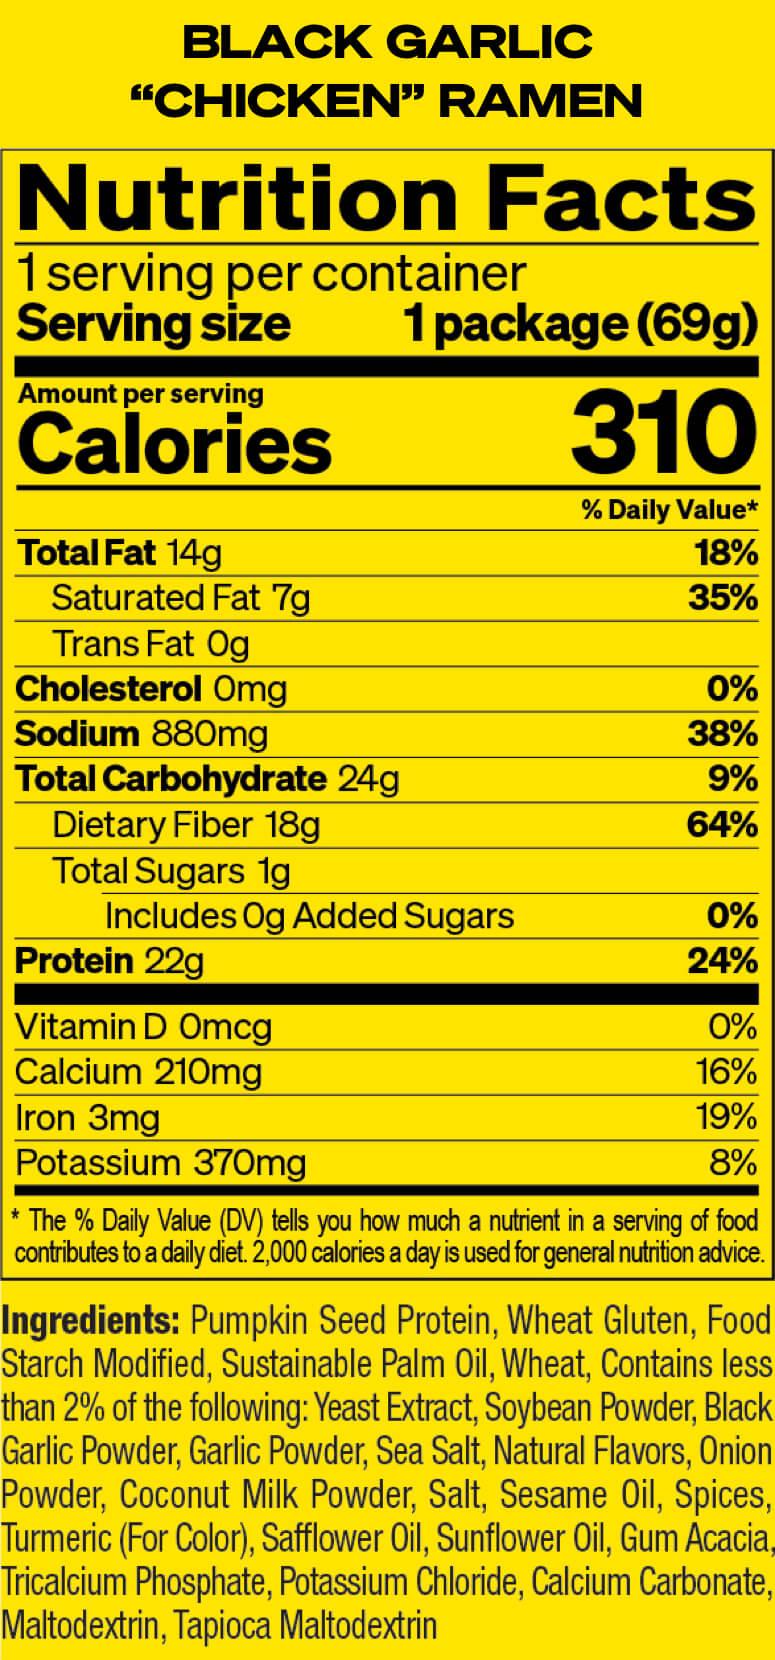 Black Garlic Chicken Nutrition Facts